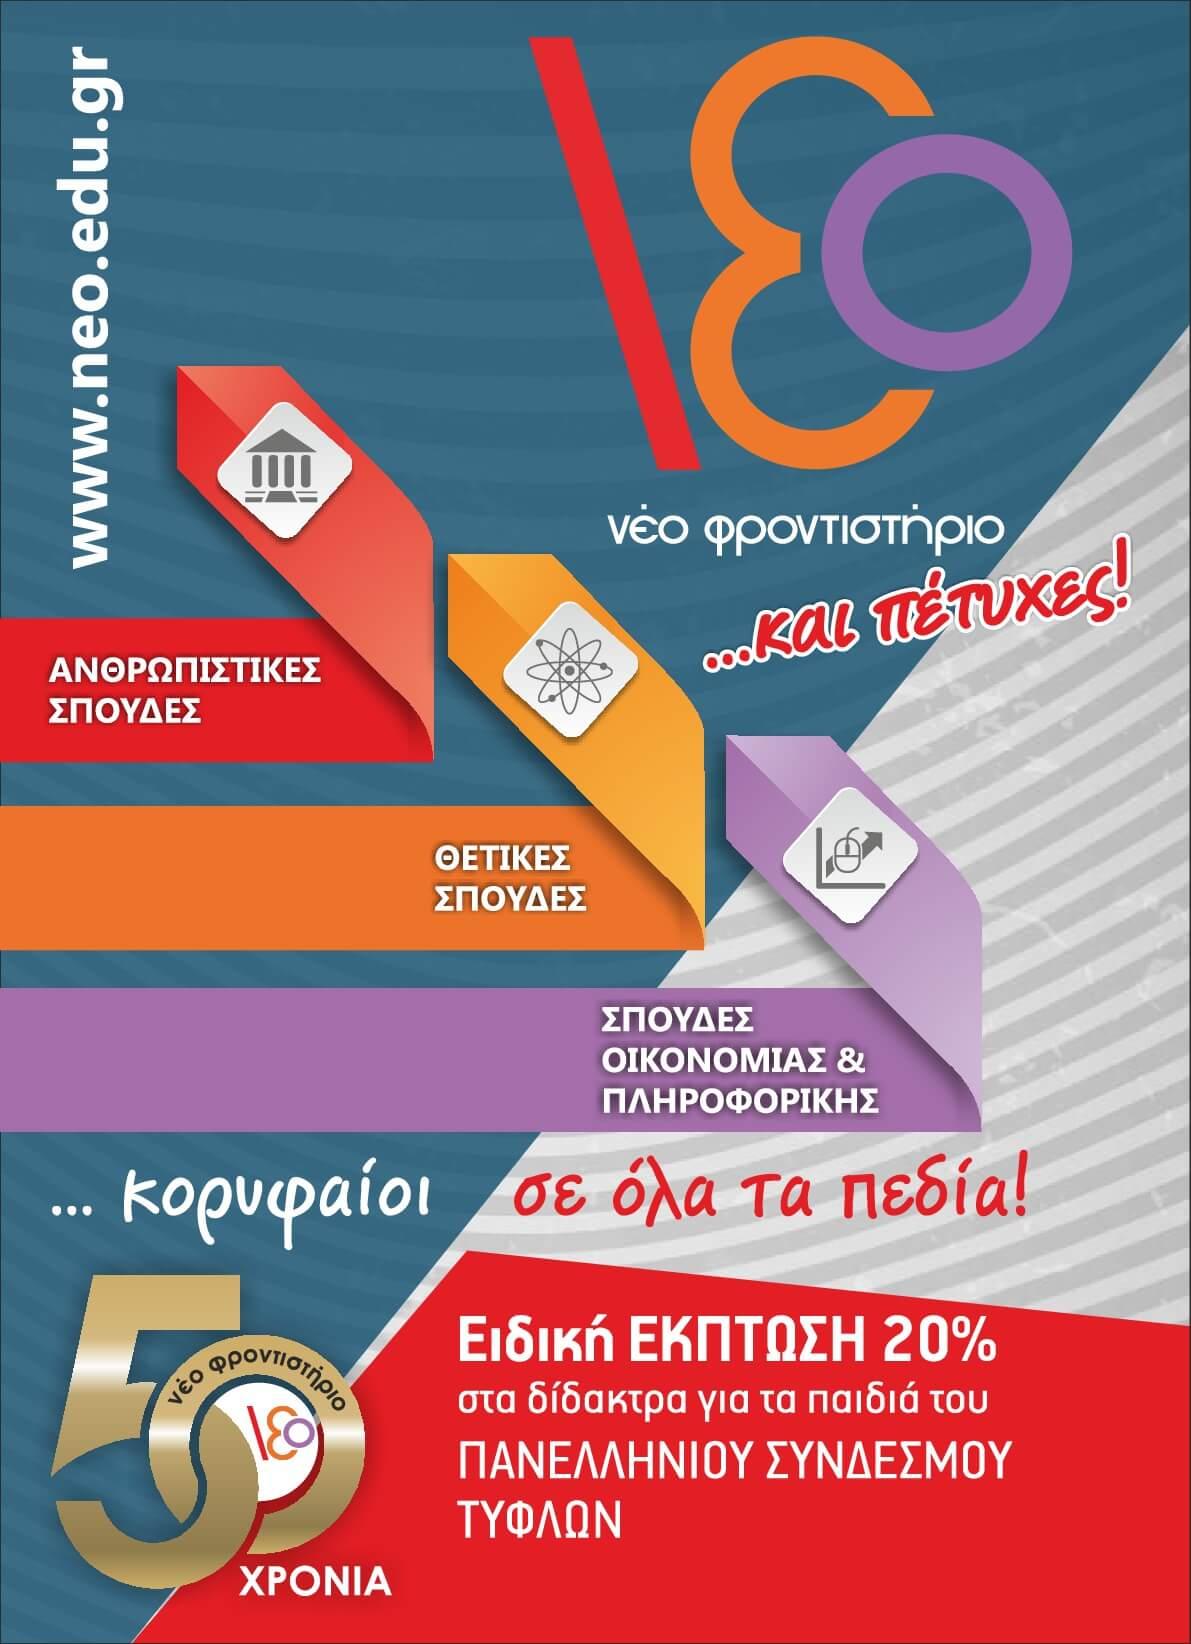 αφίσα νέο φροντιστήριο με έκπτωση σε άτομα του πανελληνίου συνδέσμου τυφλών